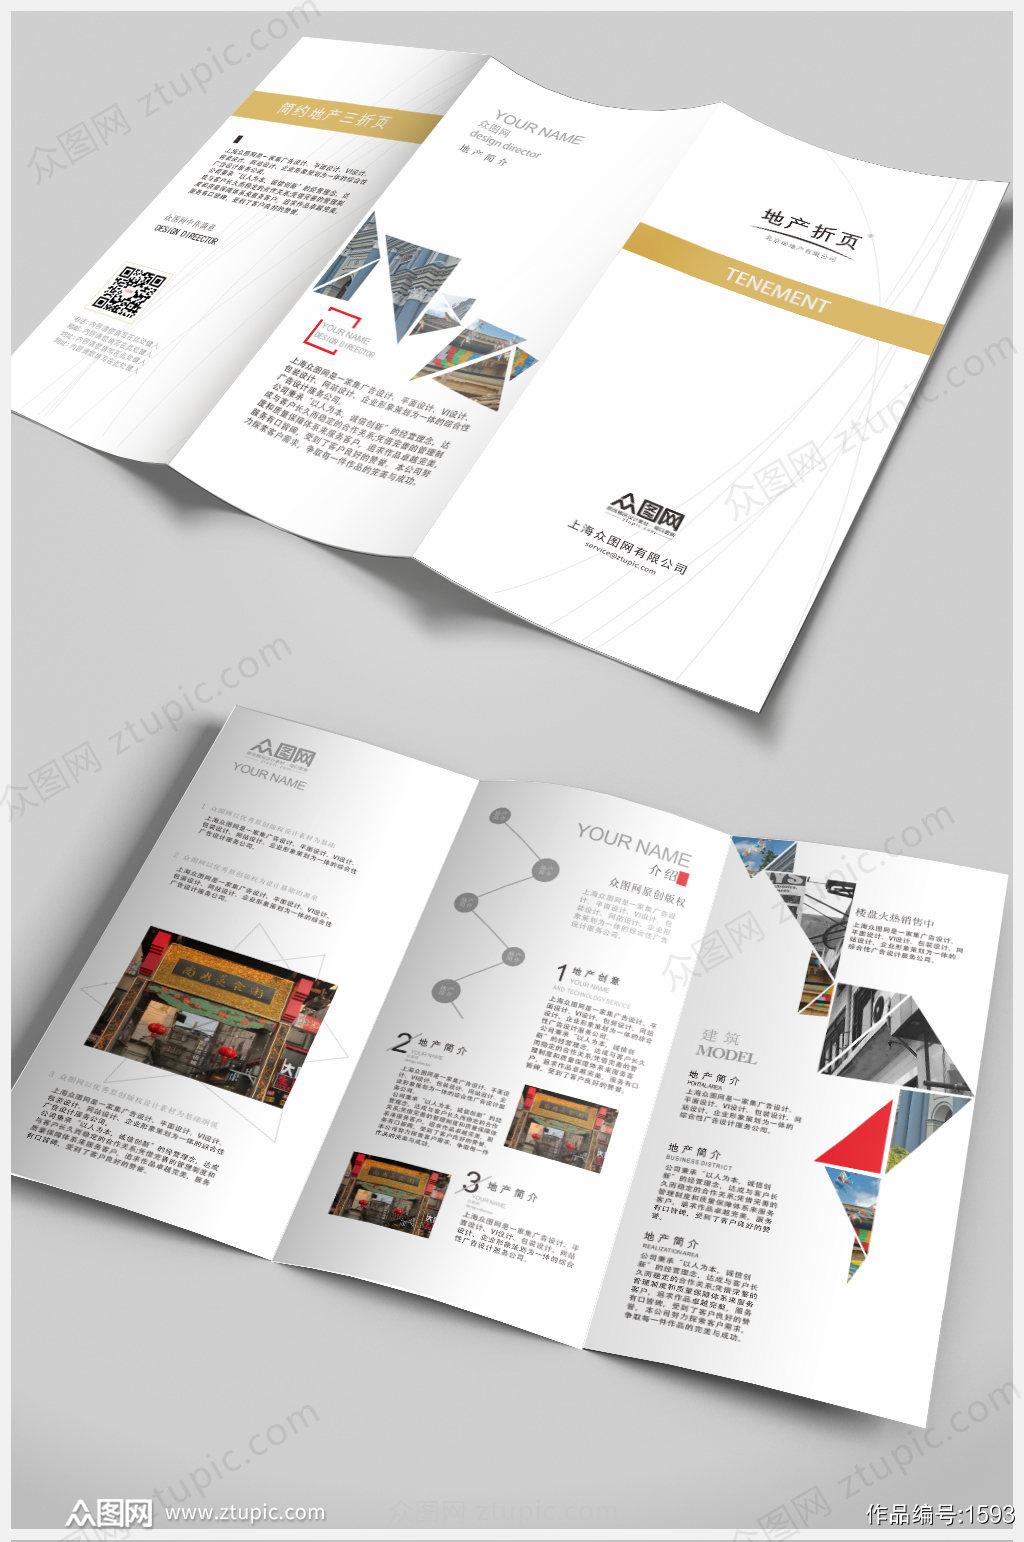 简约大气时尚房地产企业通用宣传三折设计 地产折页素材